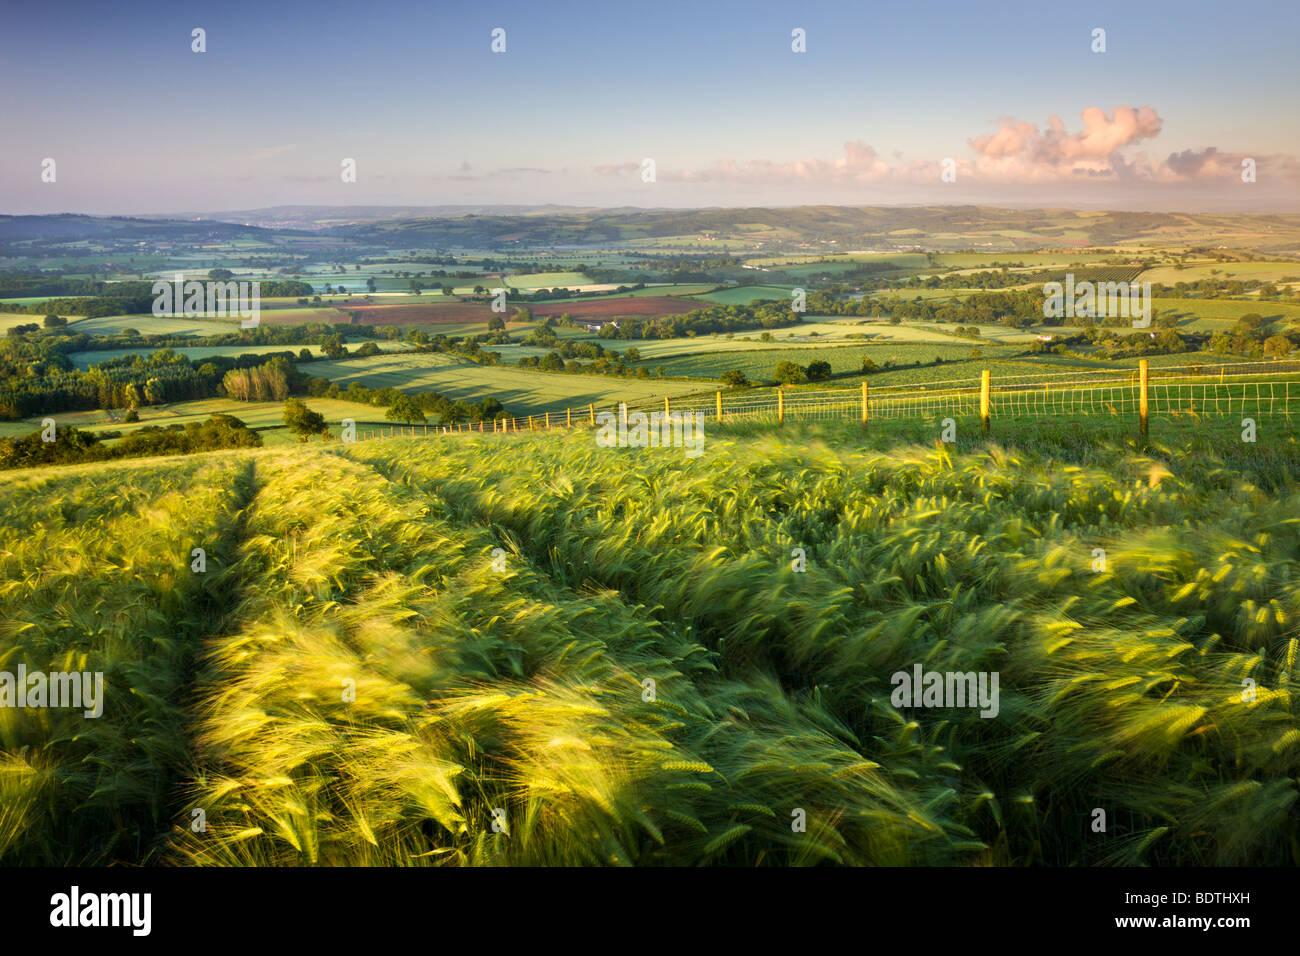 Golden madurado la cebada crece en un campo, en la cima de una colina en la zona rural de Devon, Inglaterra. Verano Imagen De Stock